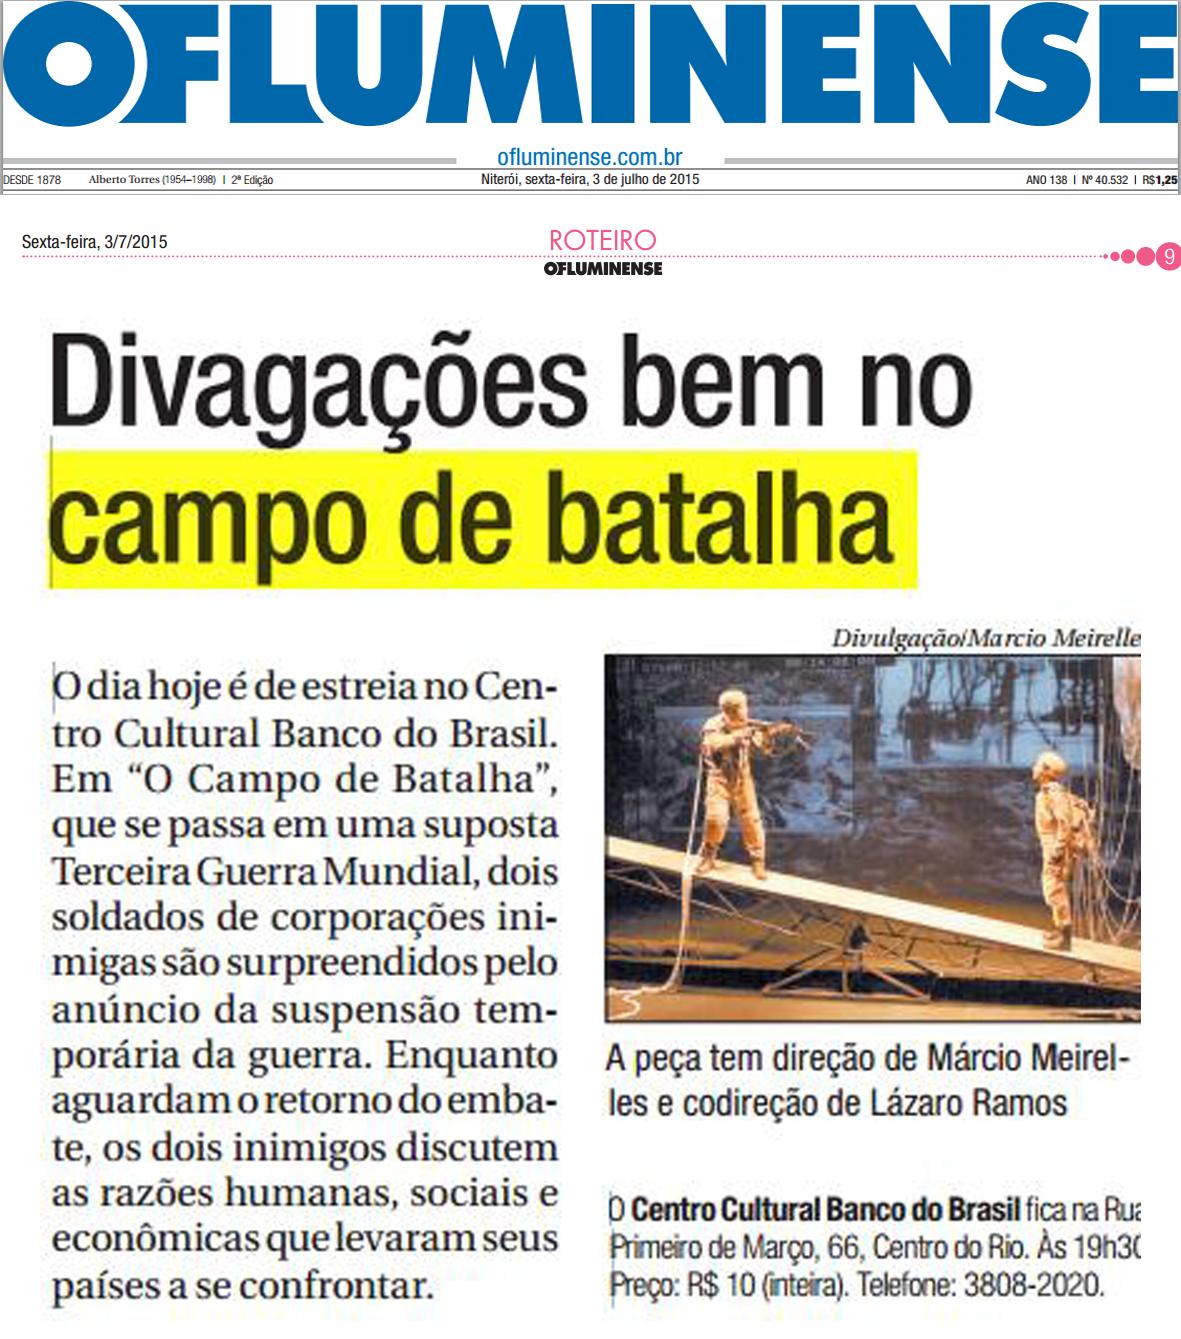 O Campo de Batalha - O Fluminense